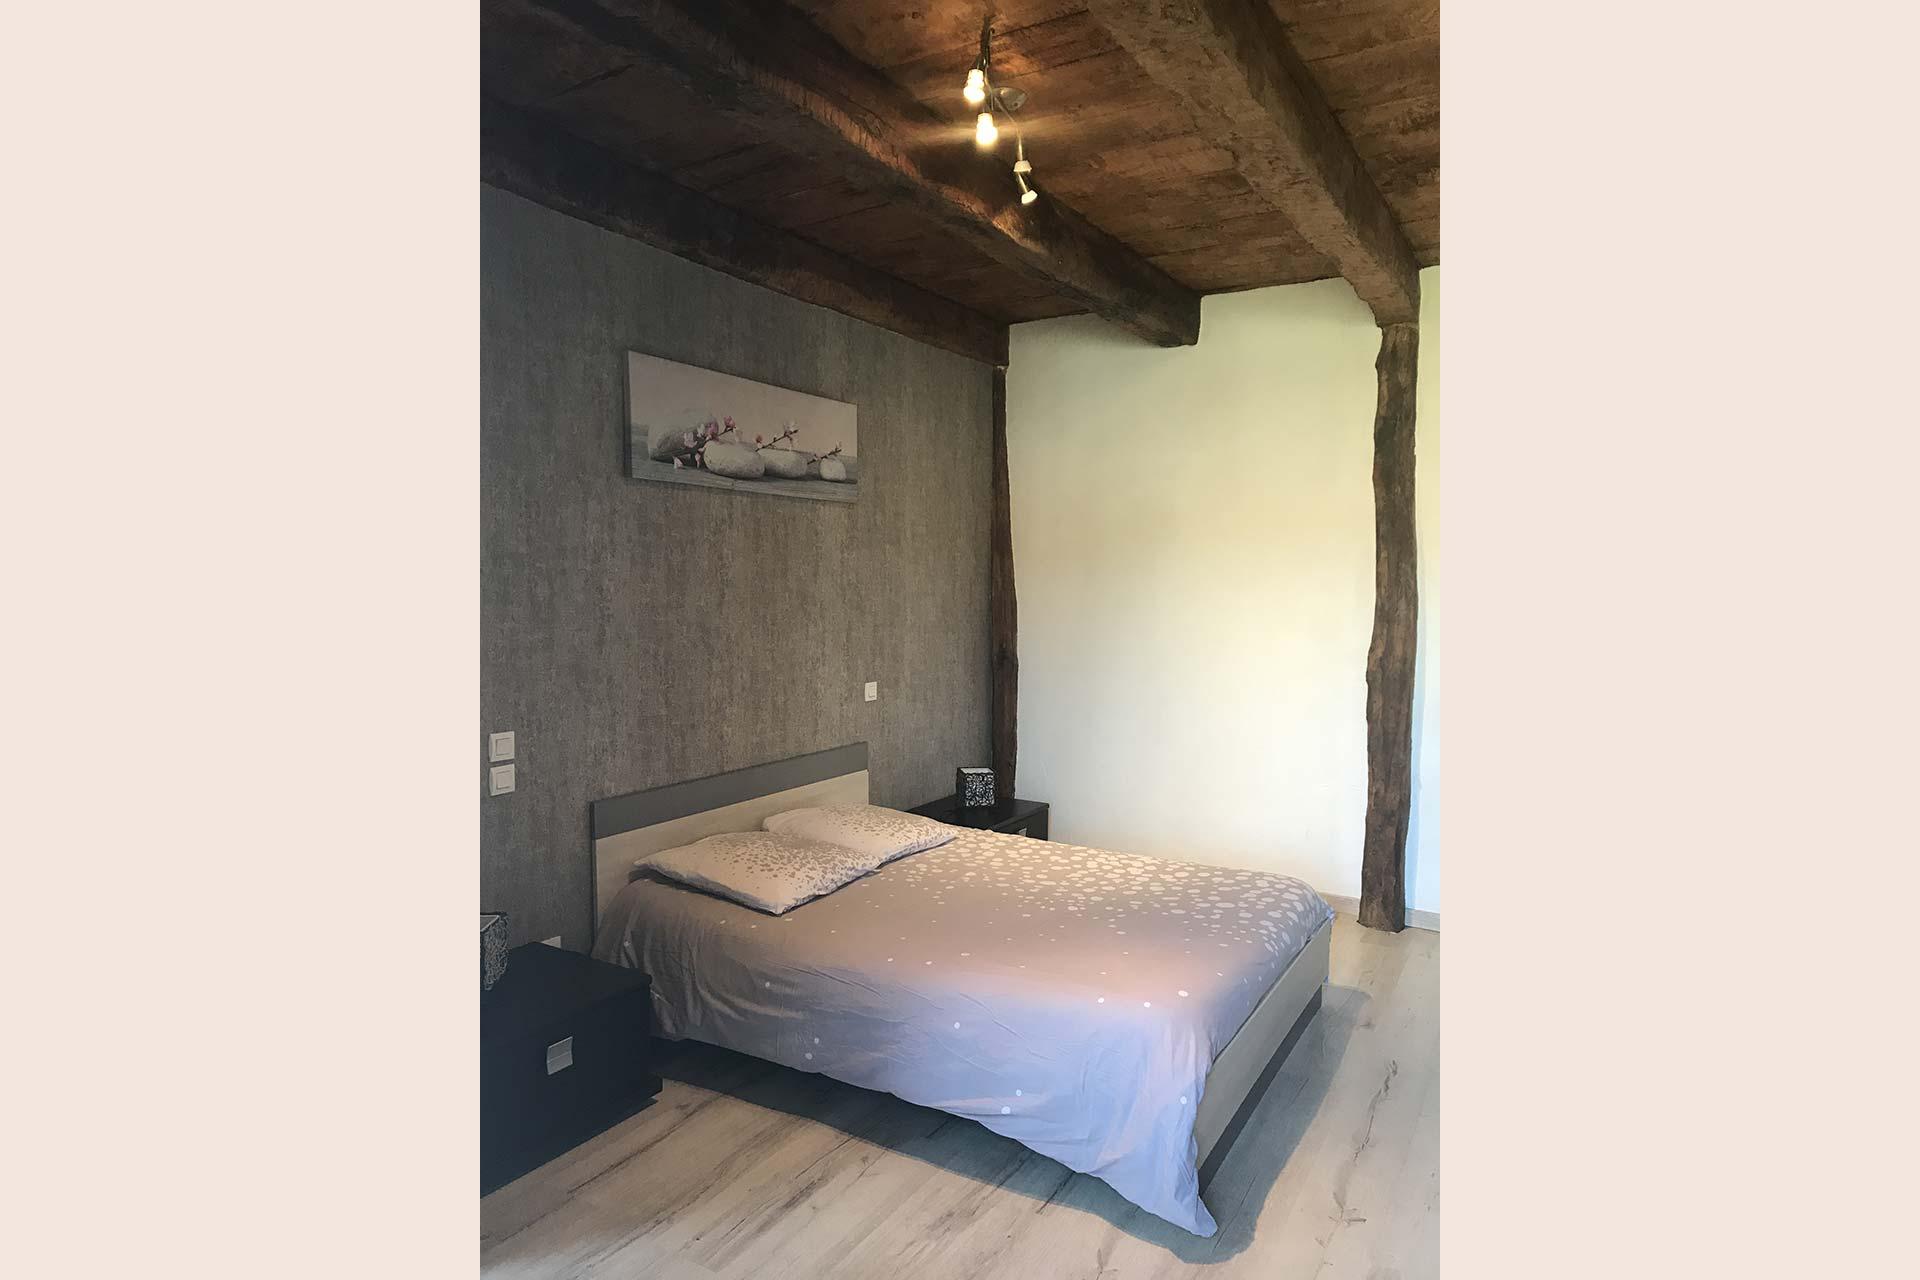 Chambre sublime chambre d 39 h tes en aveyron domaine alcapi s - Chambre d hote en aveyron ...